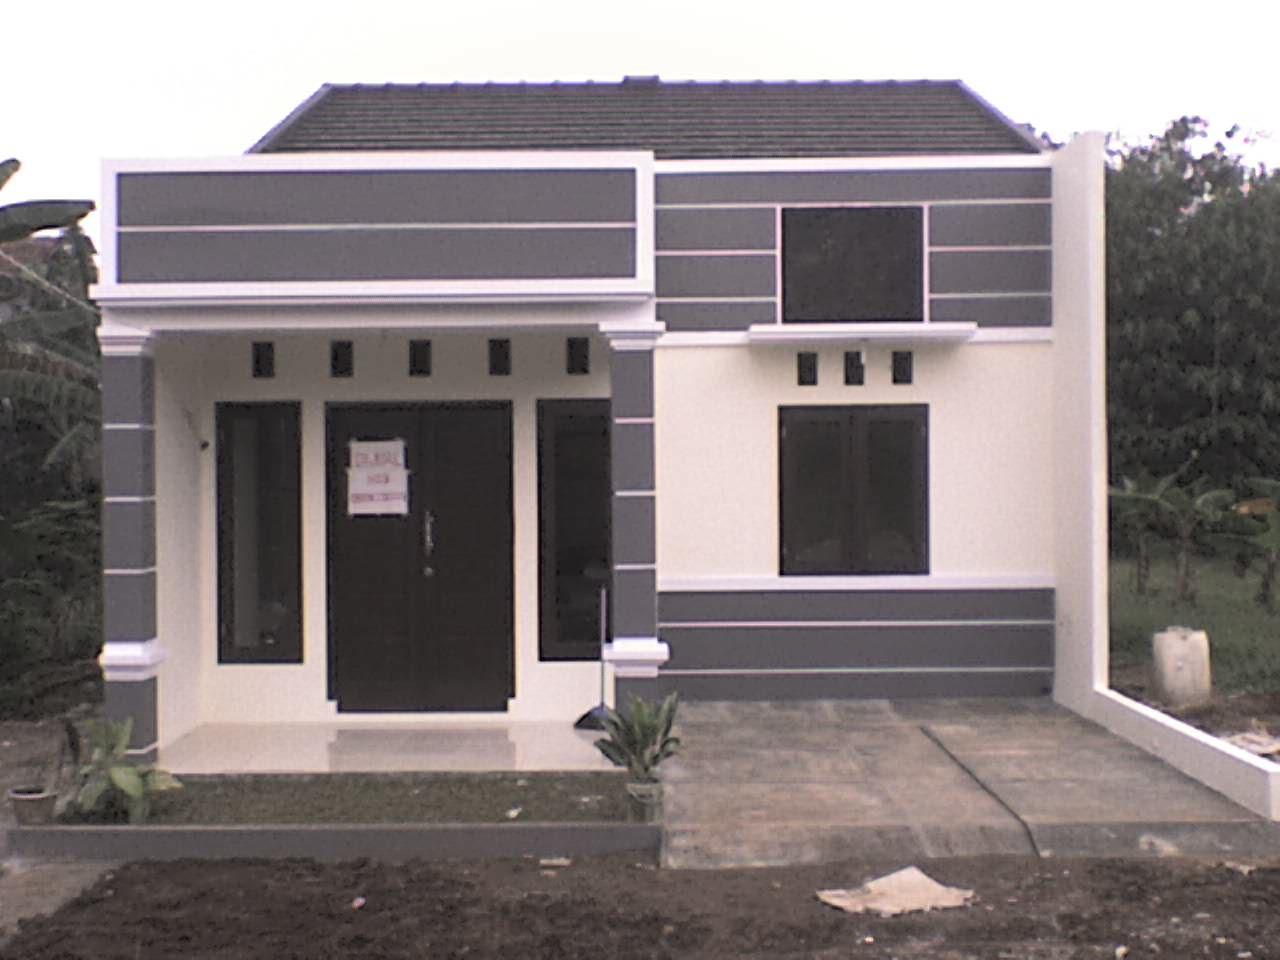 Desain Rumah Minimalis Ukuran 7x18 Agape Locs